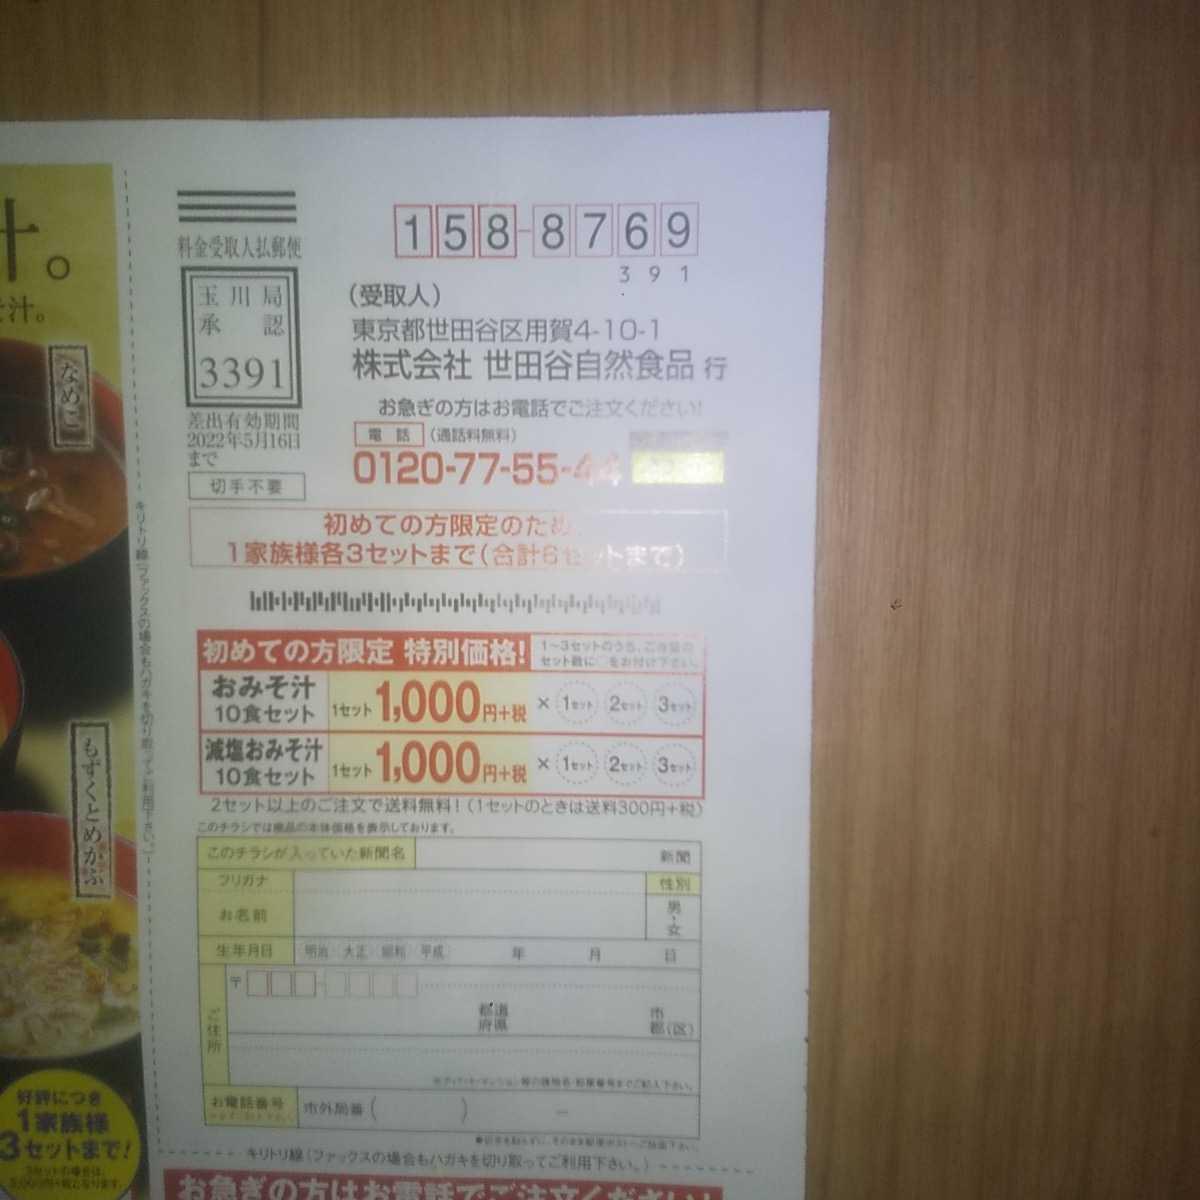 世田谷自然食品 フリーズドライおみそ汁 初回限定価格注文用紙付き広告 差出有効期限:2022.5/16_画像2